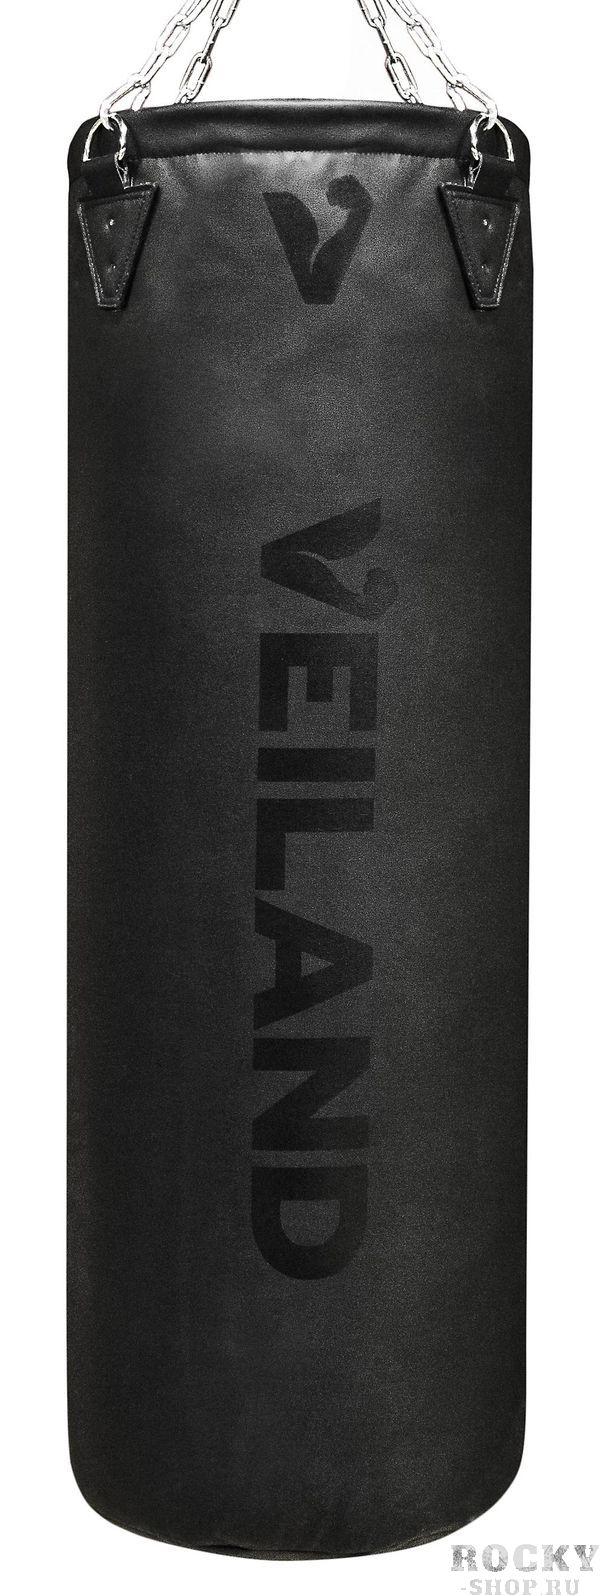 Купить Боксерский мешок Veiland, рециклированная кожа Veiland 120 х 35см, 45 кг (арт. 26562)